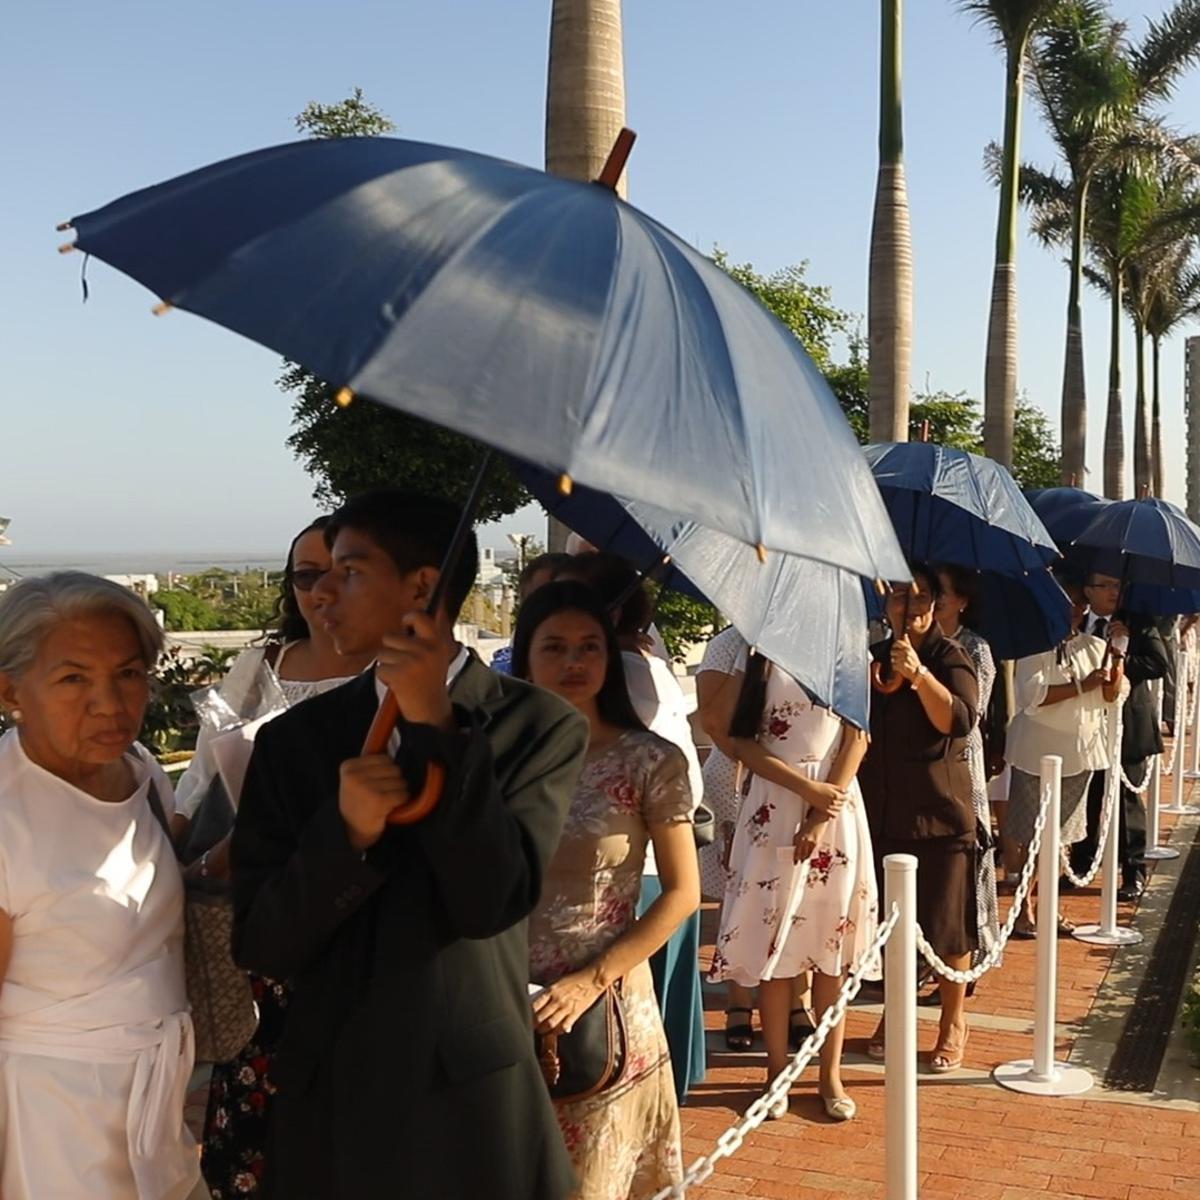 Miembros SUD haciendo cola al esperar la dedicación del templo de Barranquilla.